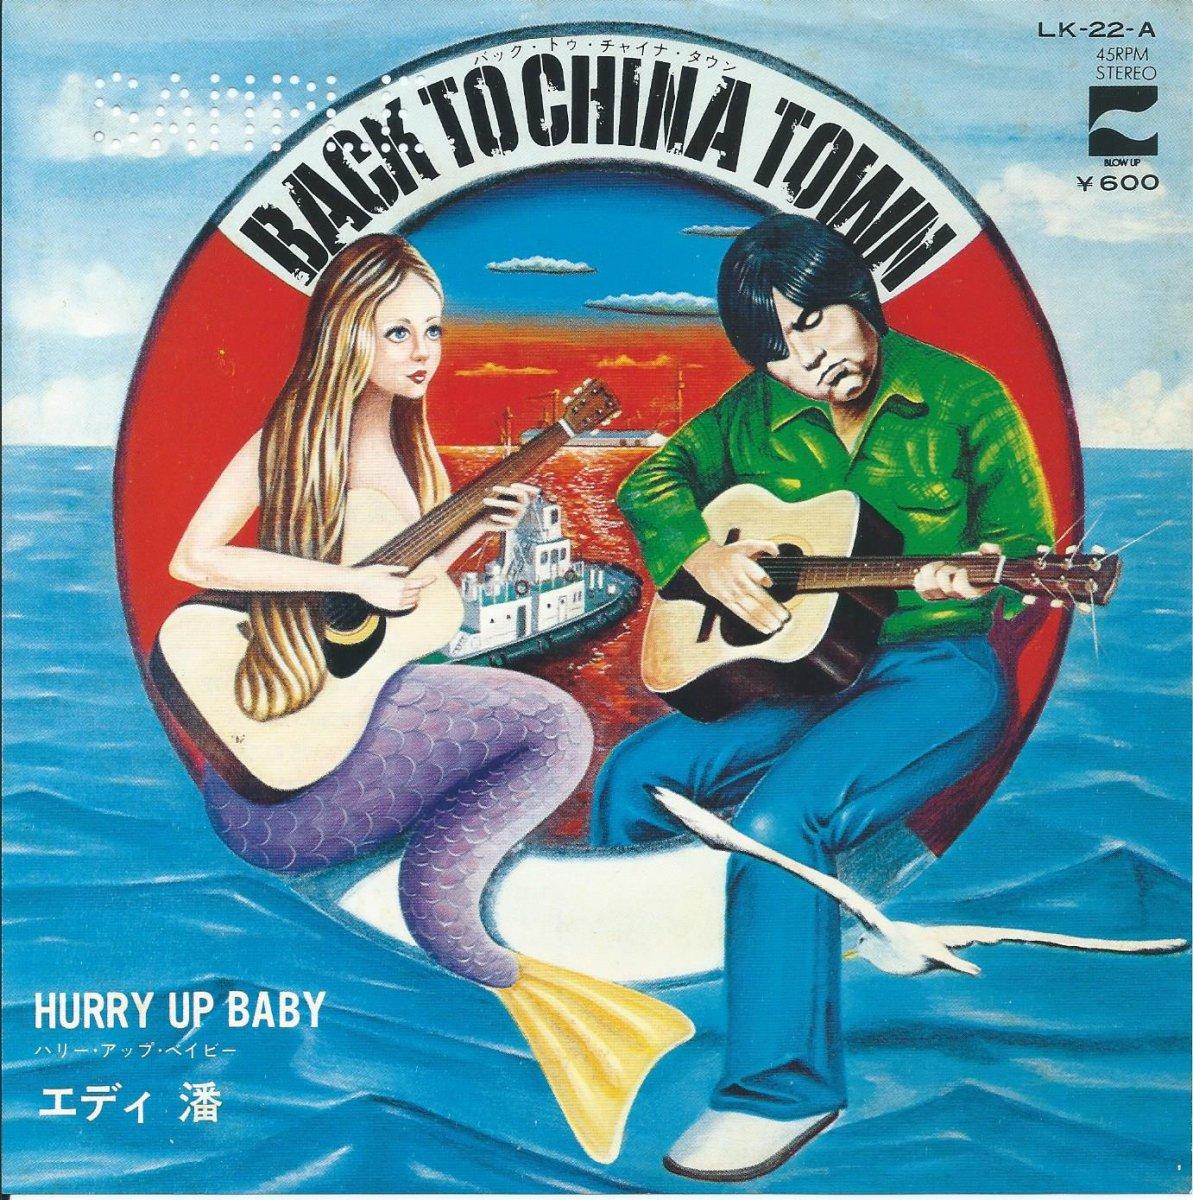 エディ藩 EDDIE BAN / バック・トゥ・チャイナ・タウン BACK TO CHINA TOWN (7